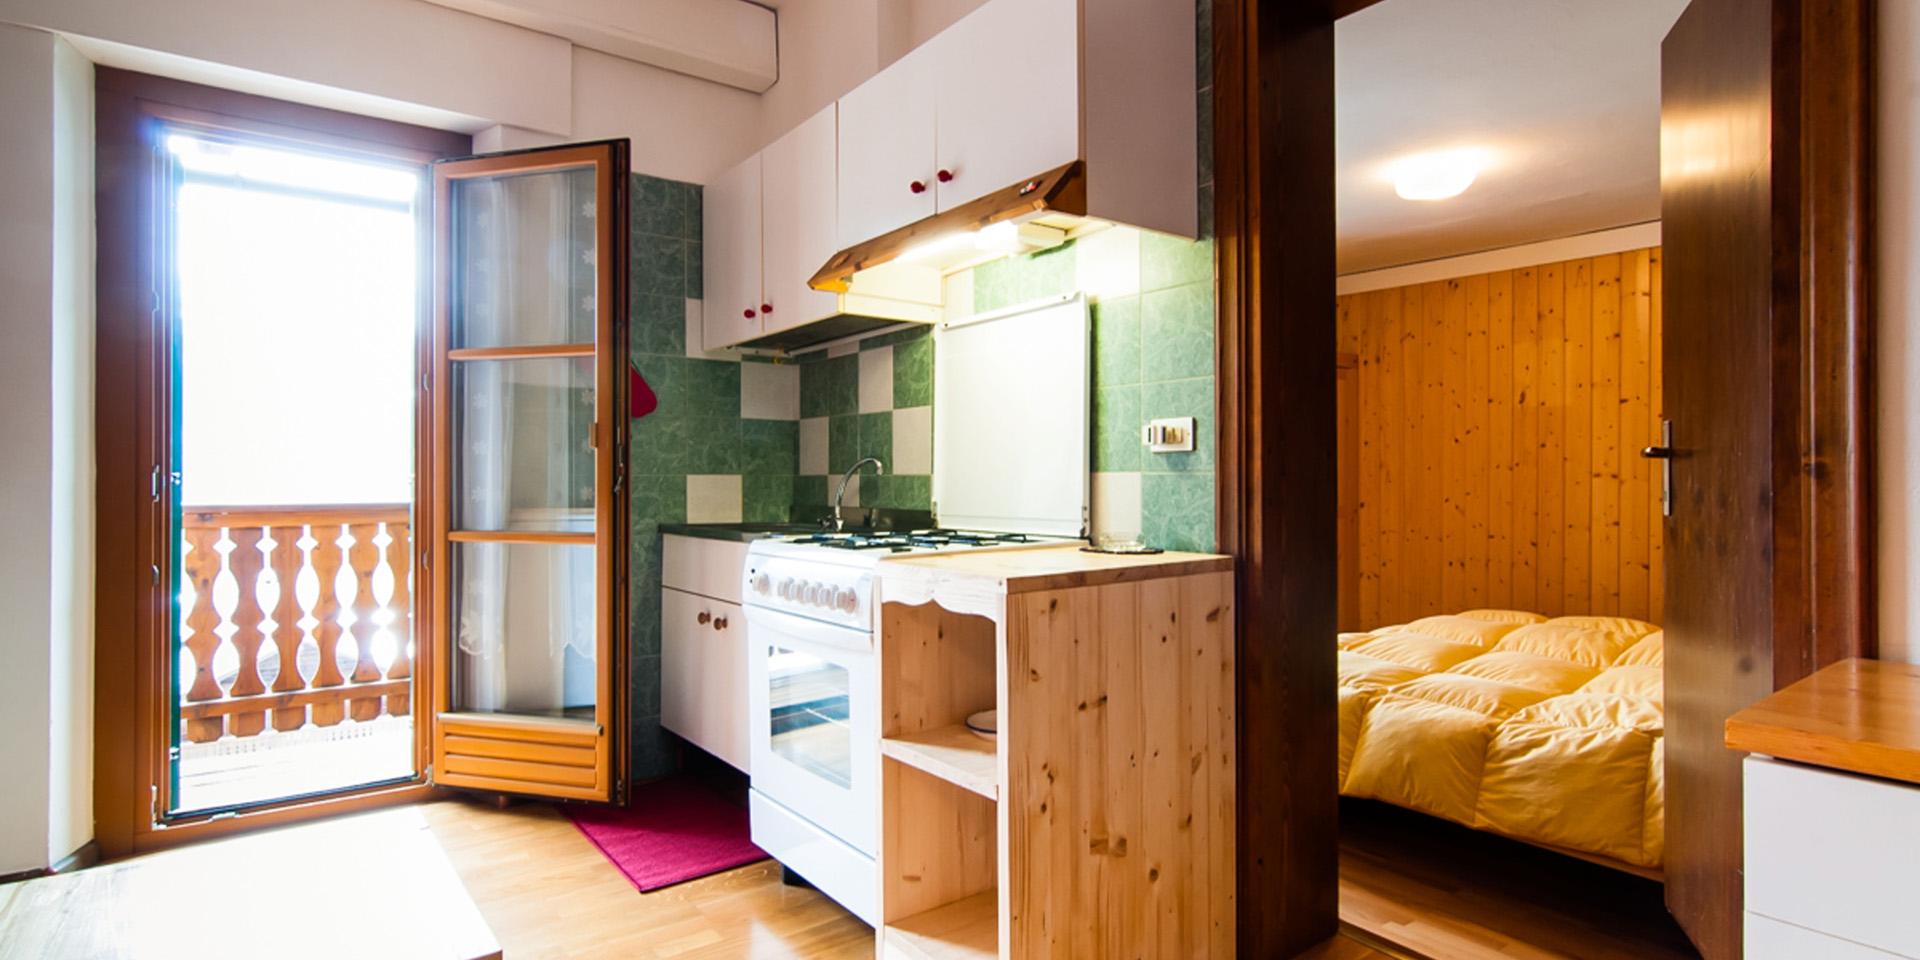 Appartamenti piccoli villa belvedere for Piccoli appartamenti